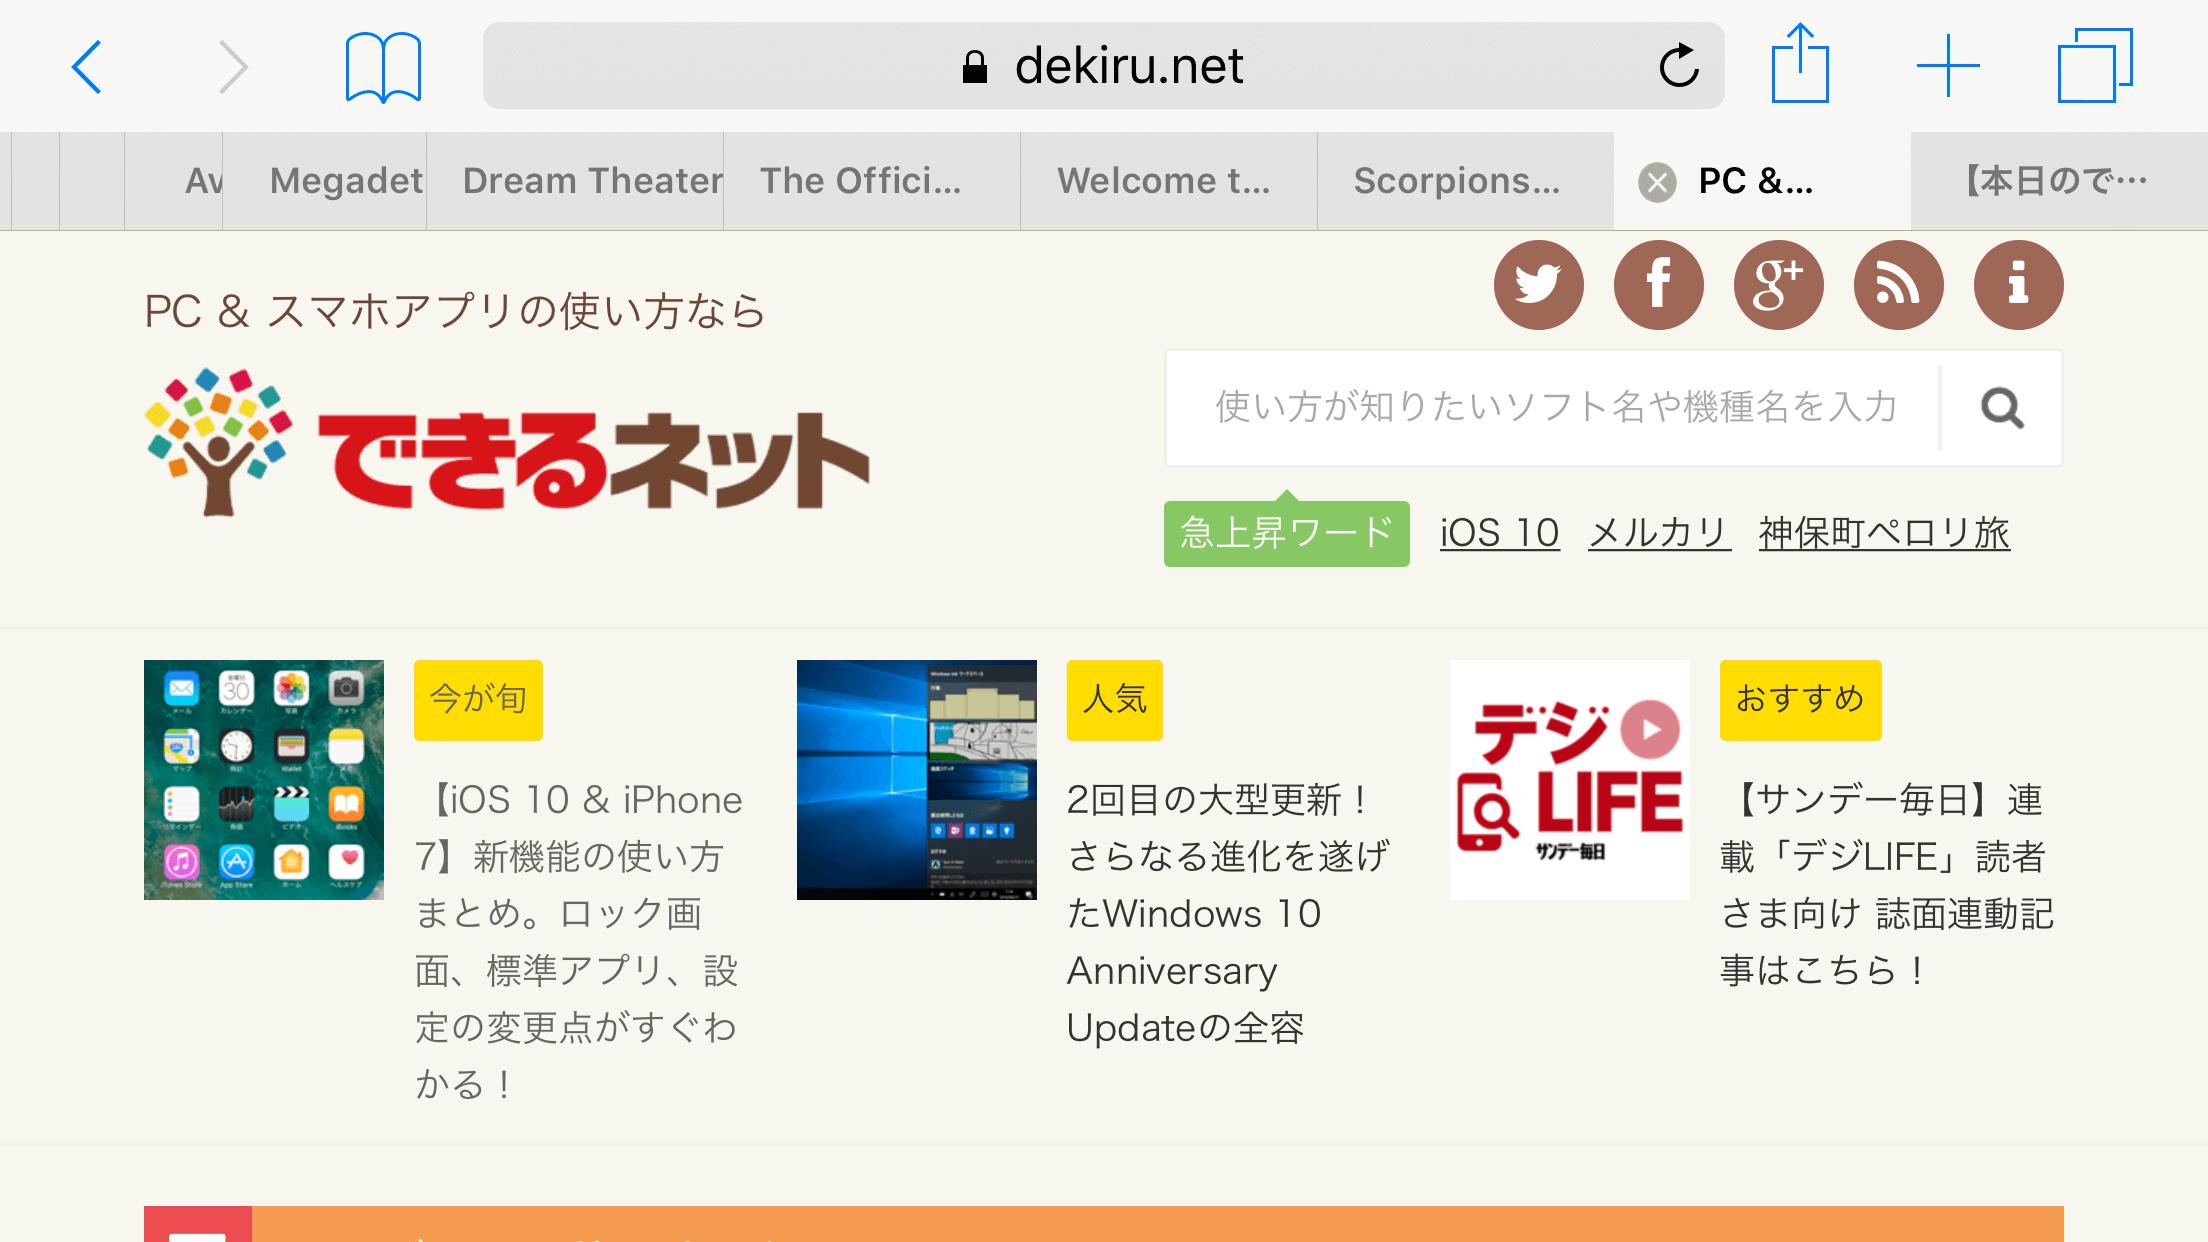 目的のWebページが表示された画面